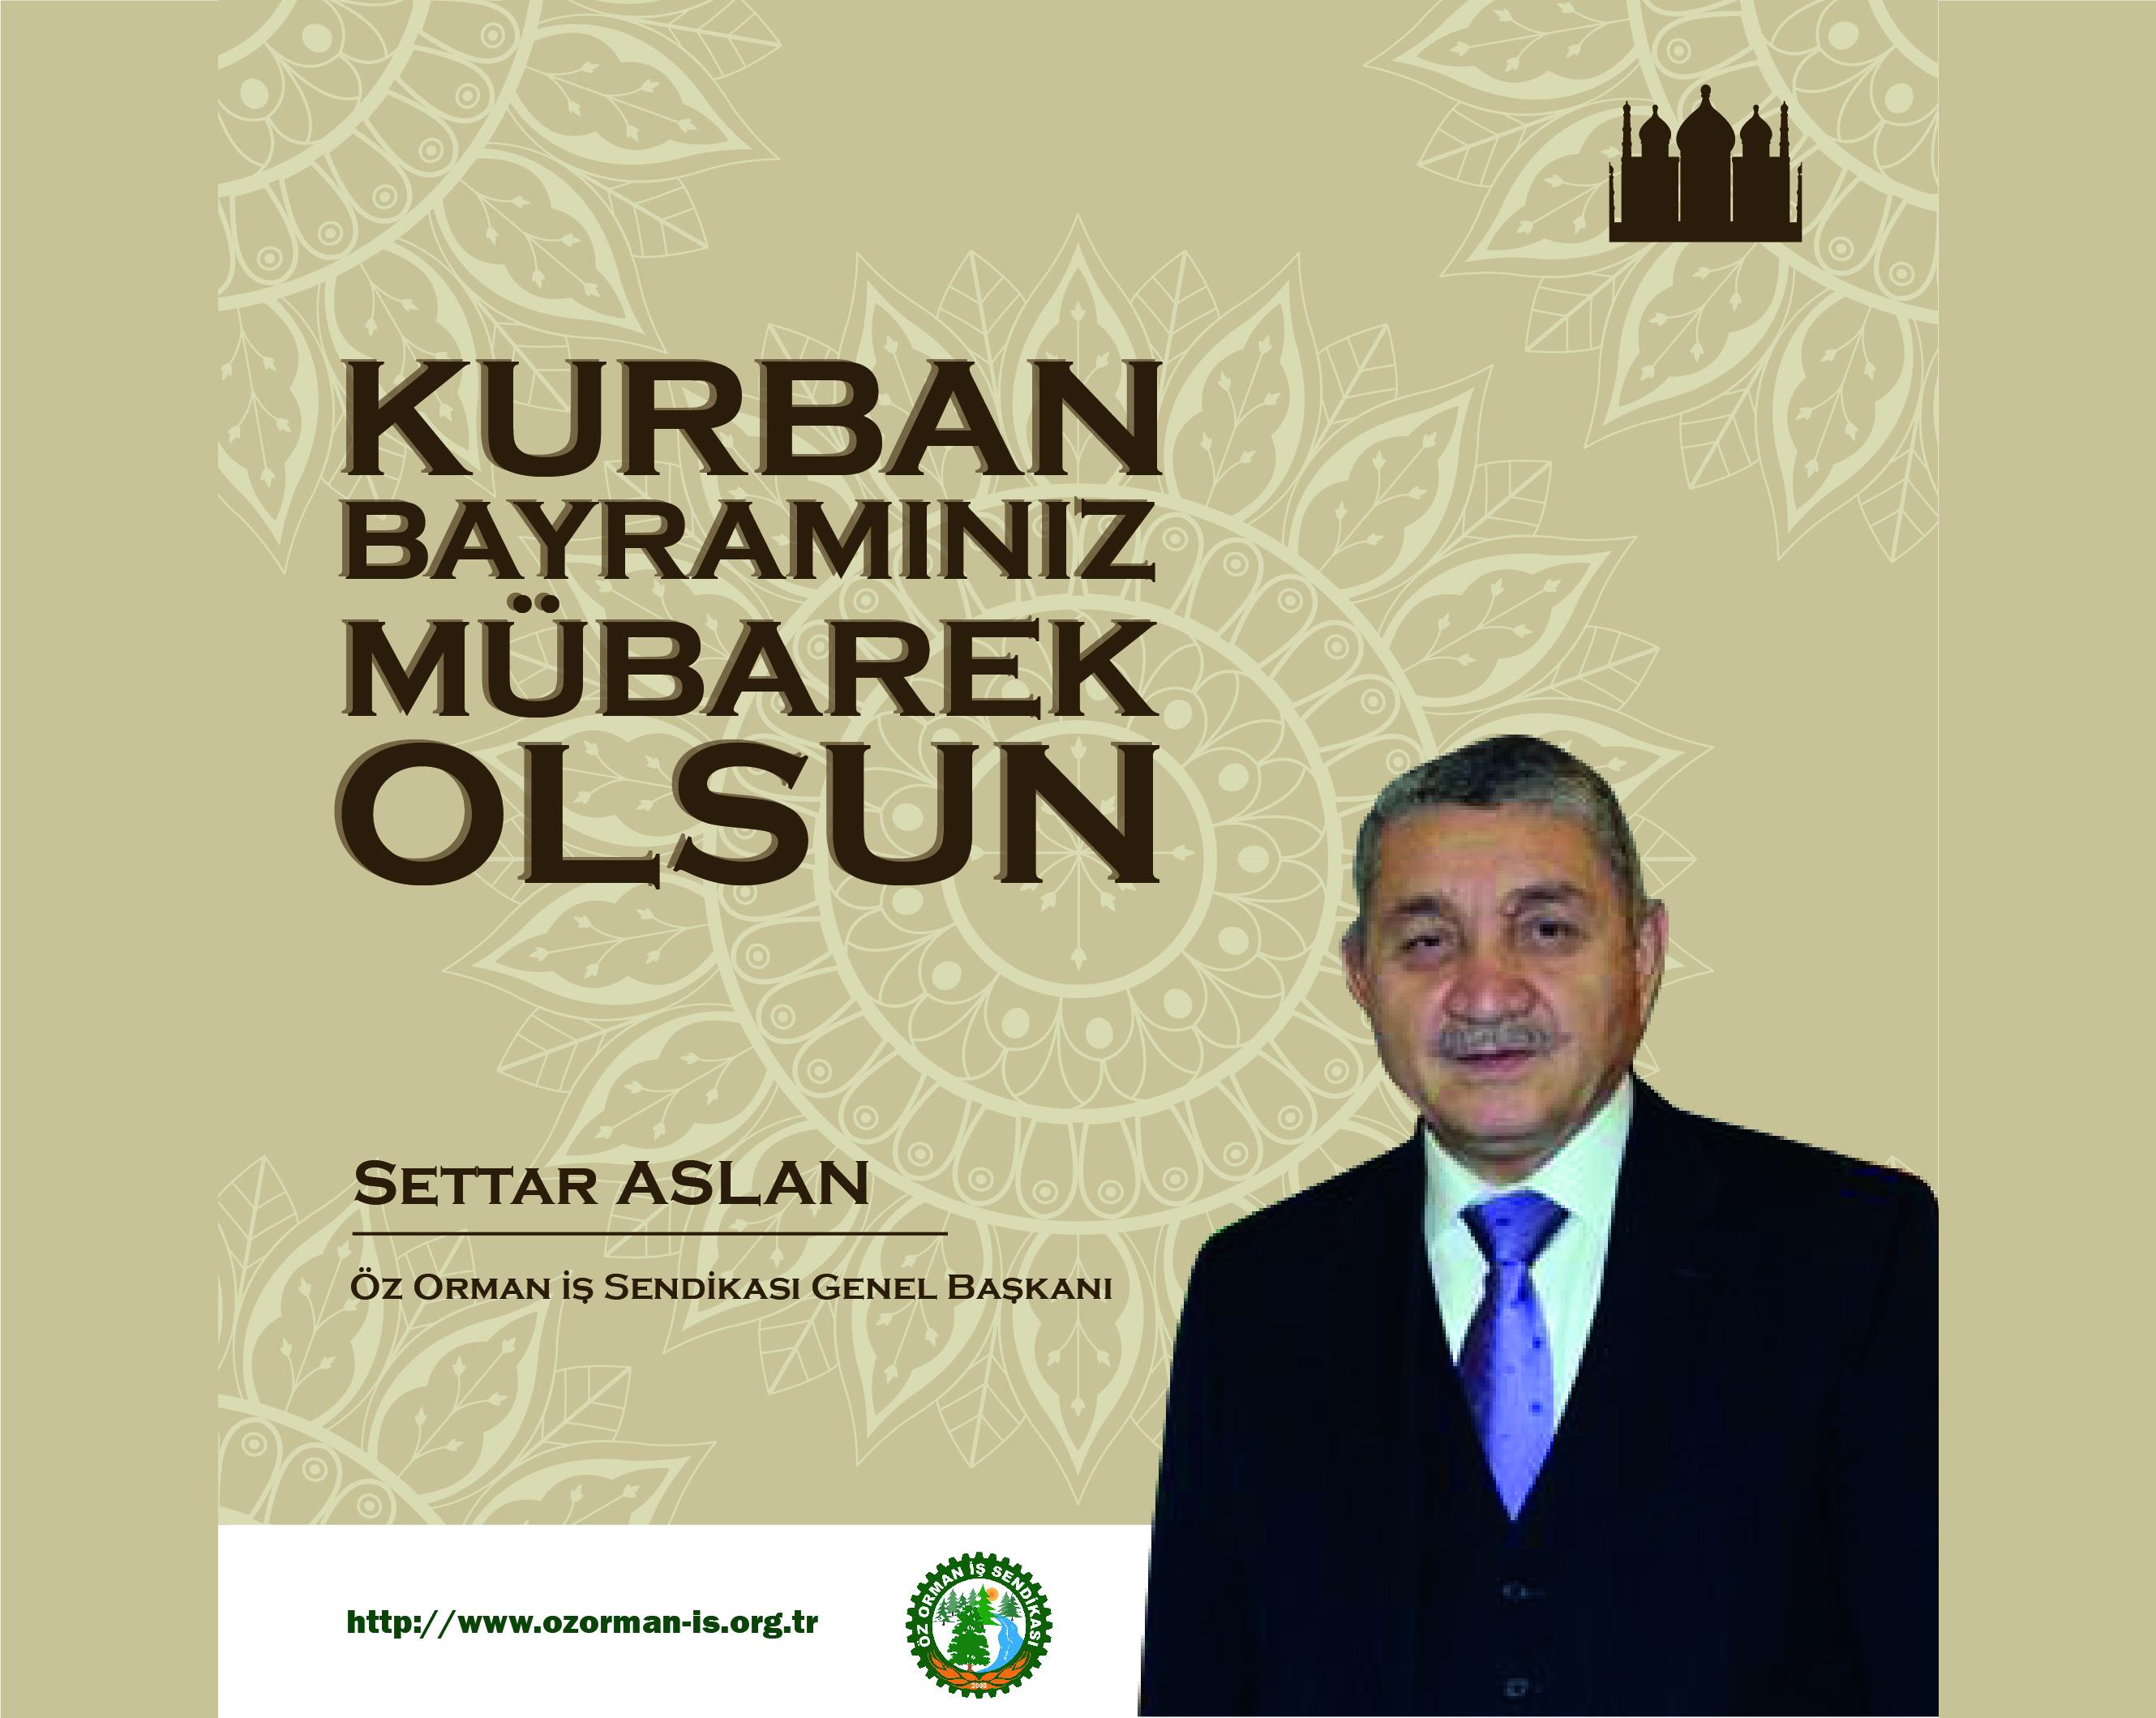 ÖZ ORMAN İŞ SENDİKASI GENEL BAŞKANI SETTAR ASLAN-Bayram Mesajı